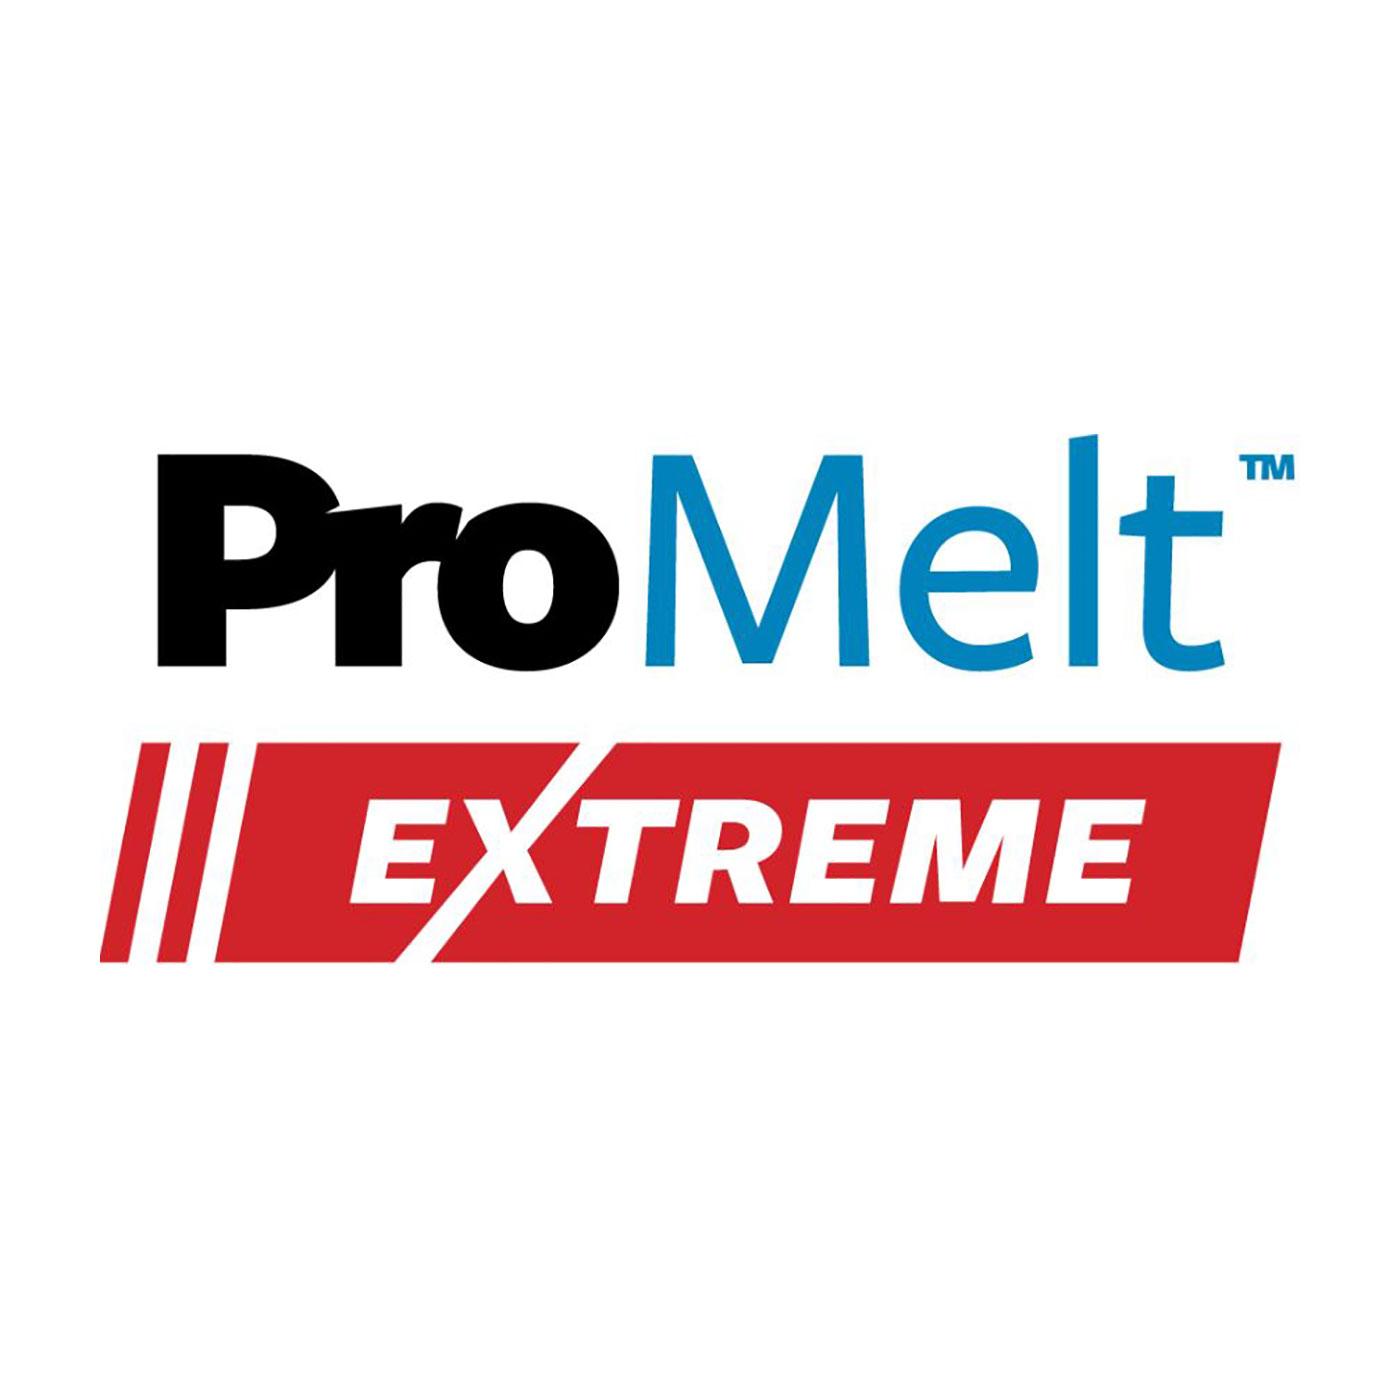 Promelt Slicer Extreme (20 kg)